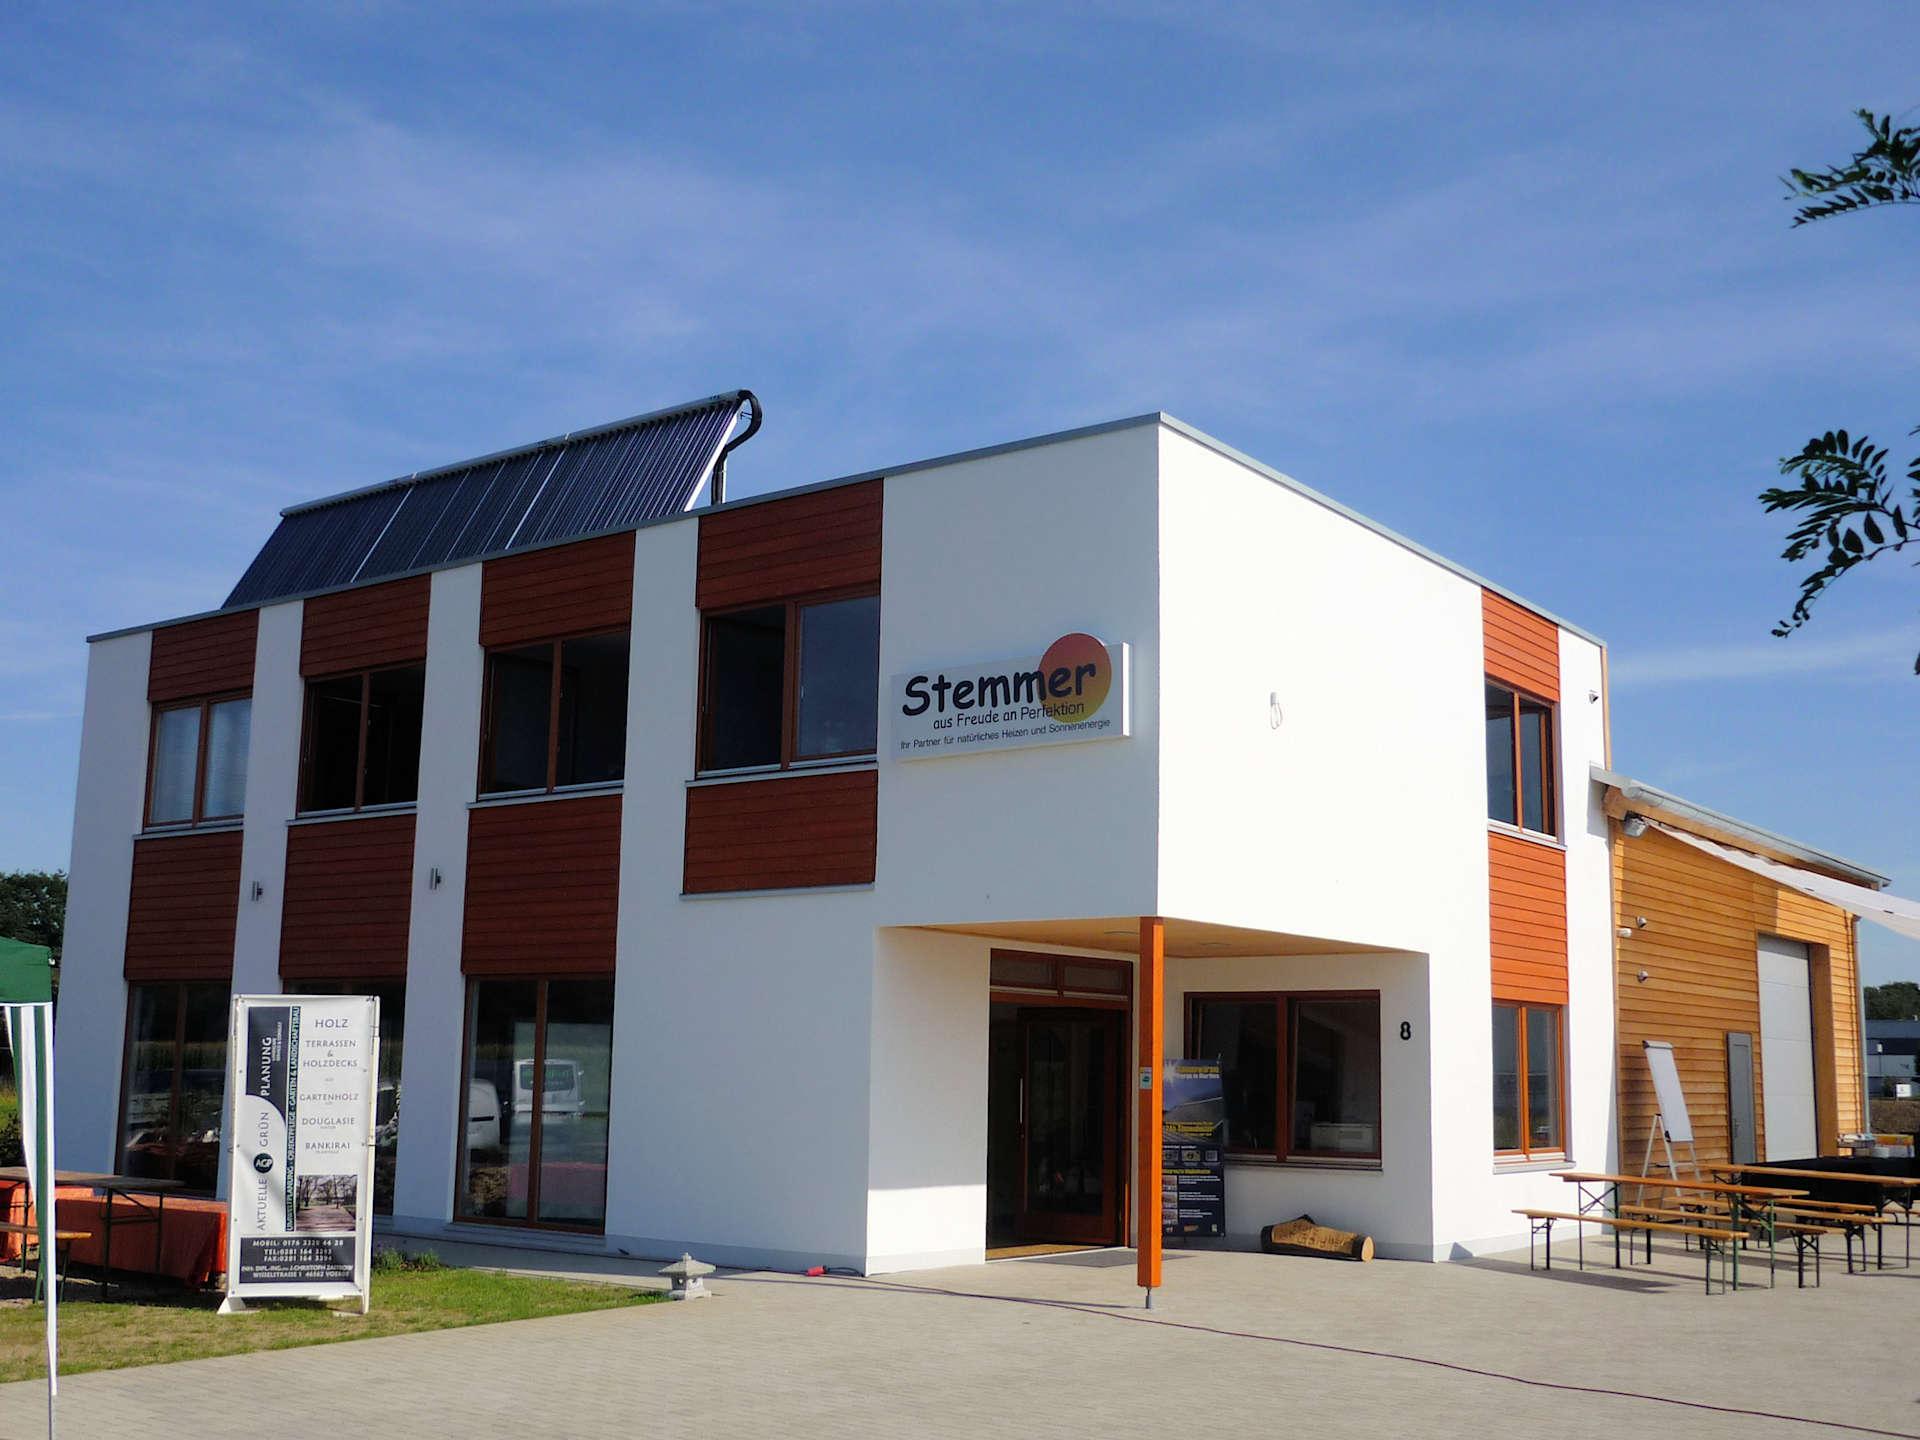 Bürogebäude mit Ausstellung und Lager in Holzbauweise